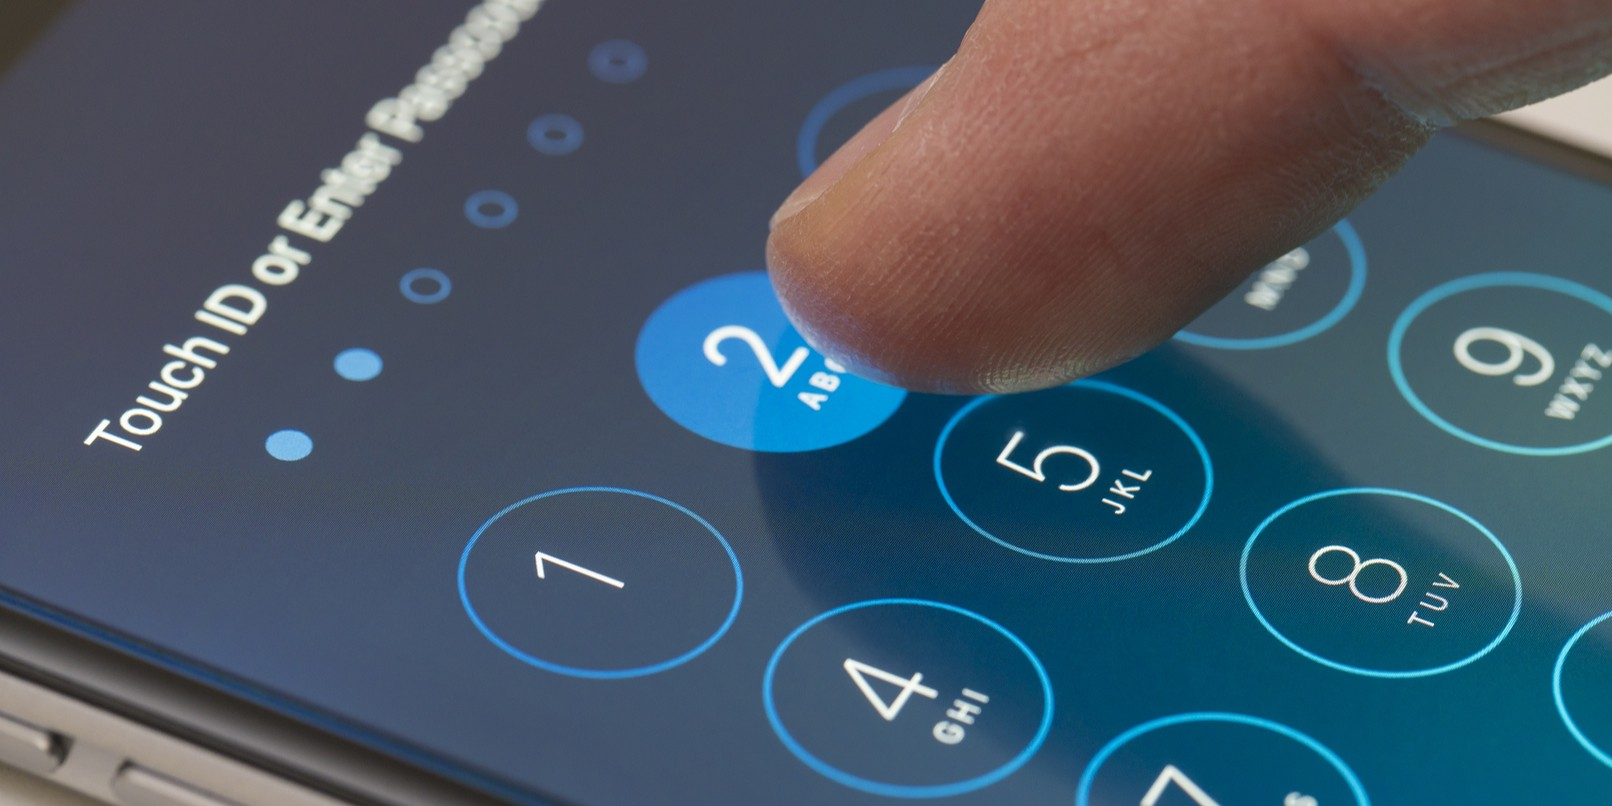 Nhìn lại những lí do khiến Microsoft thất bại ở mảng smartphone